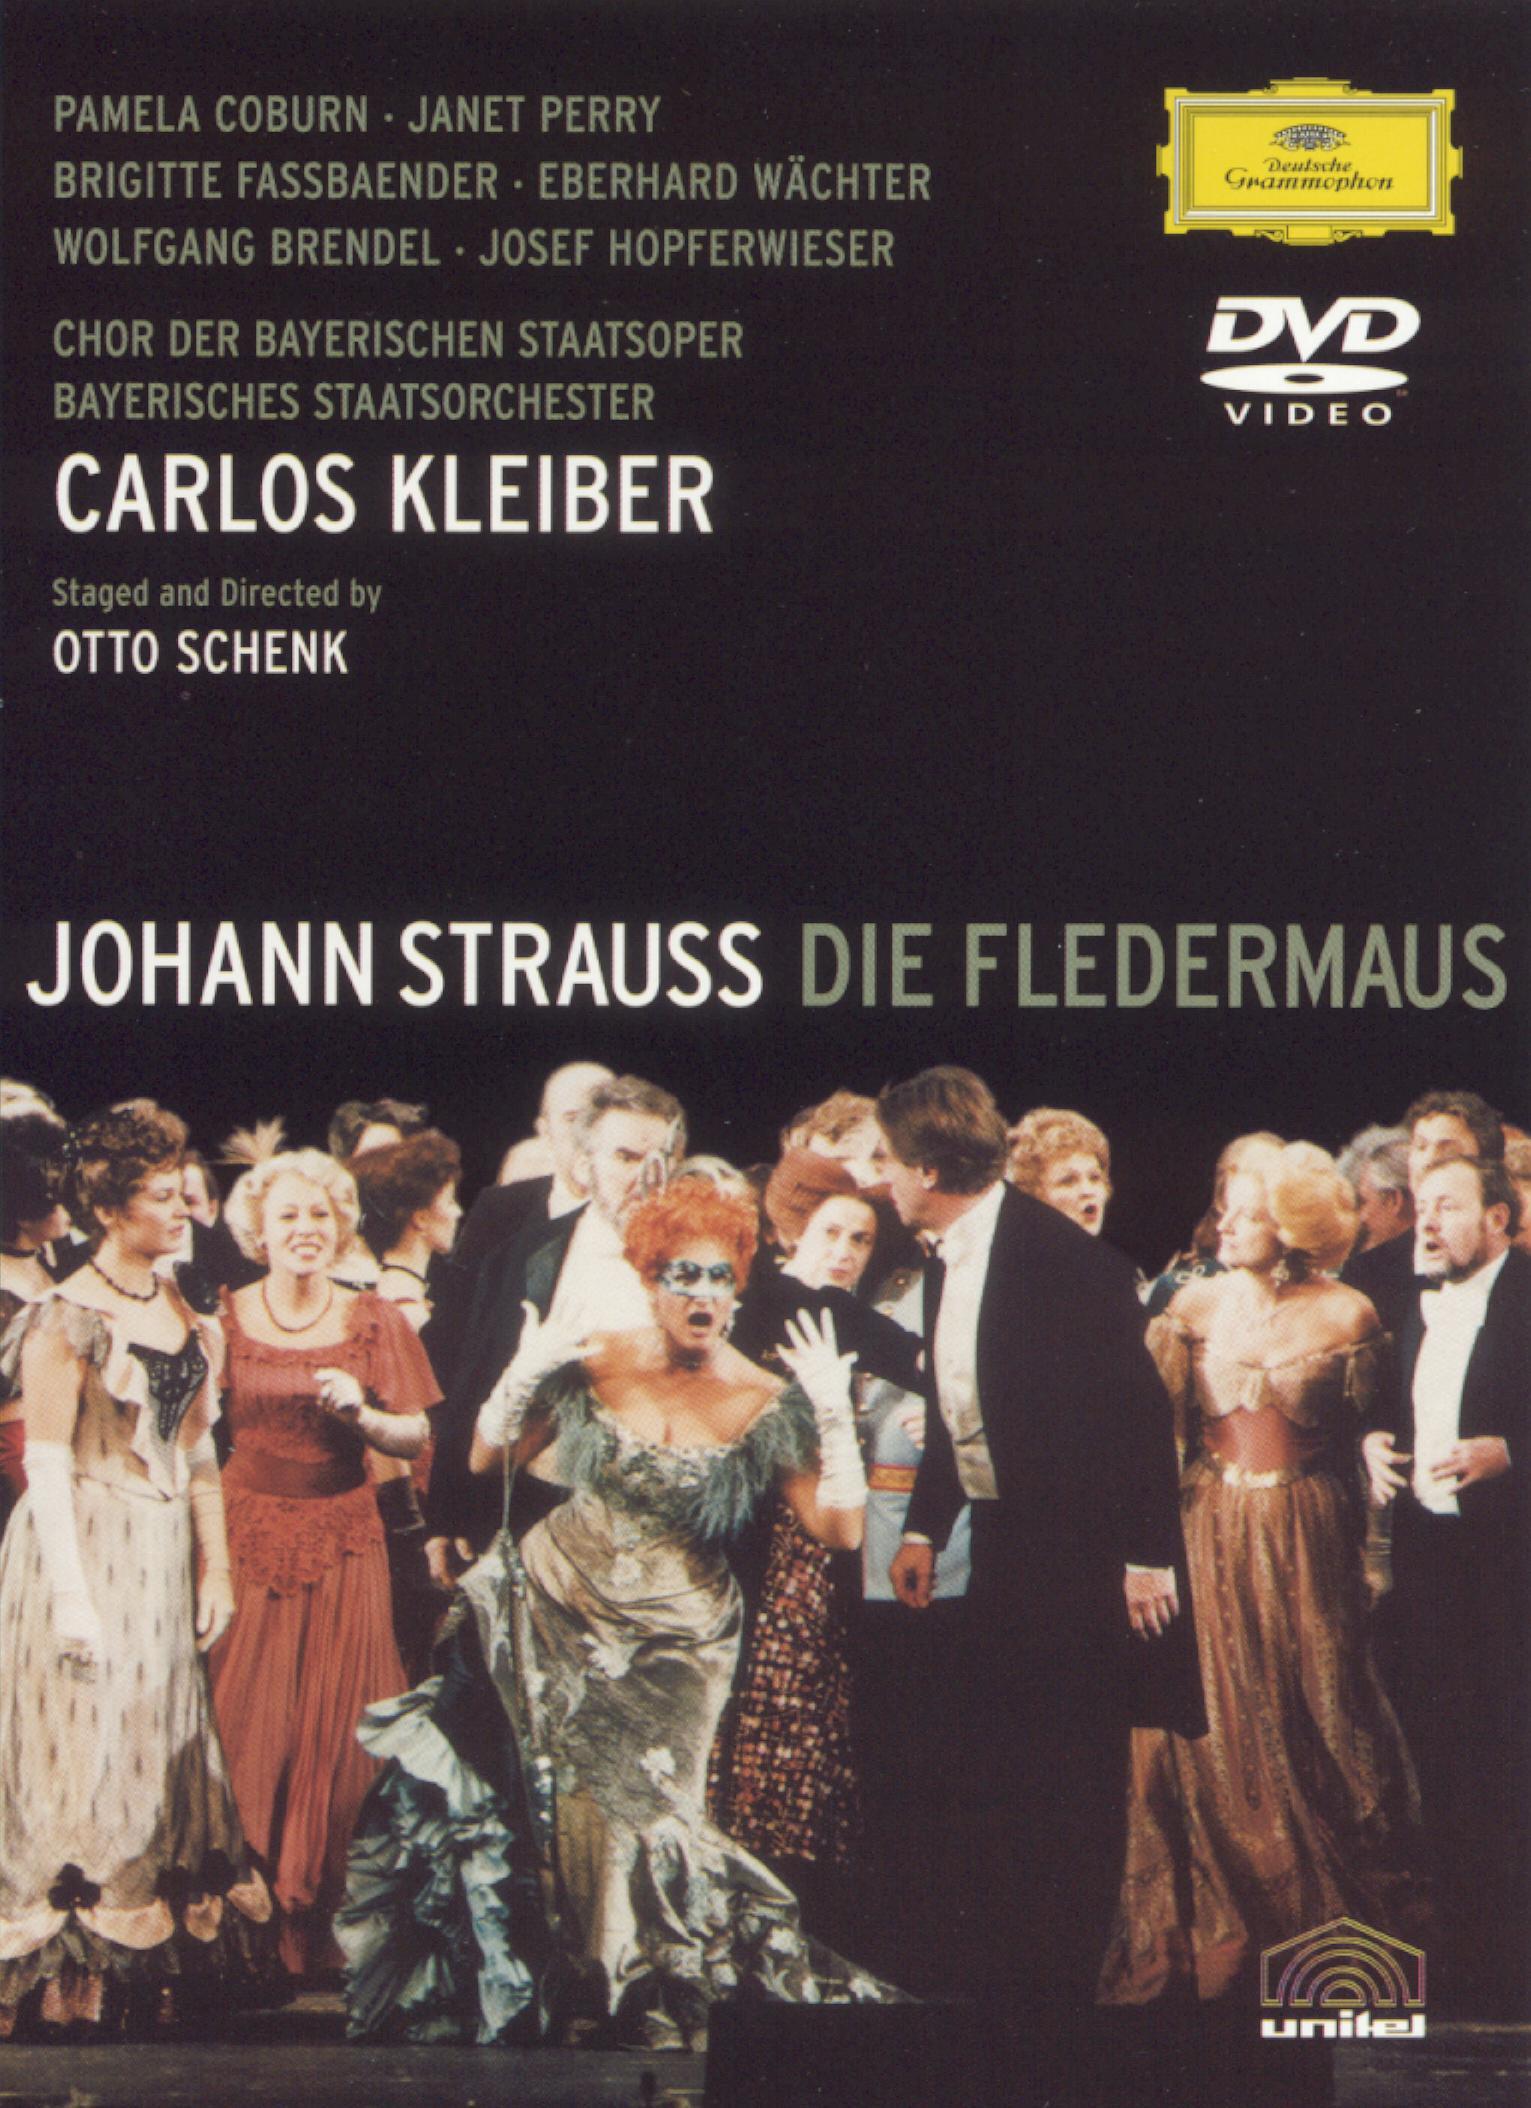 Die Fledermaus (Bavarian State Orchestra)